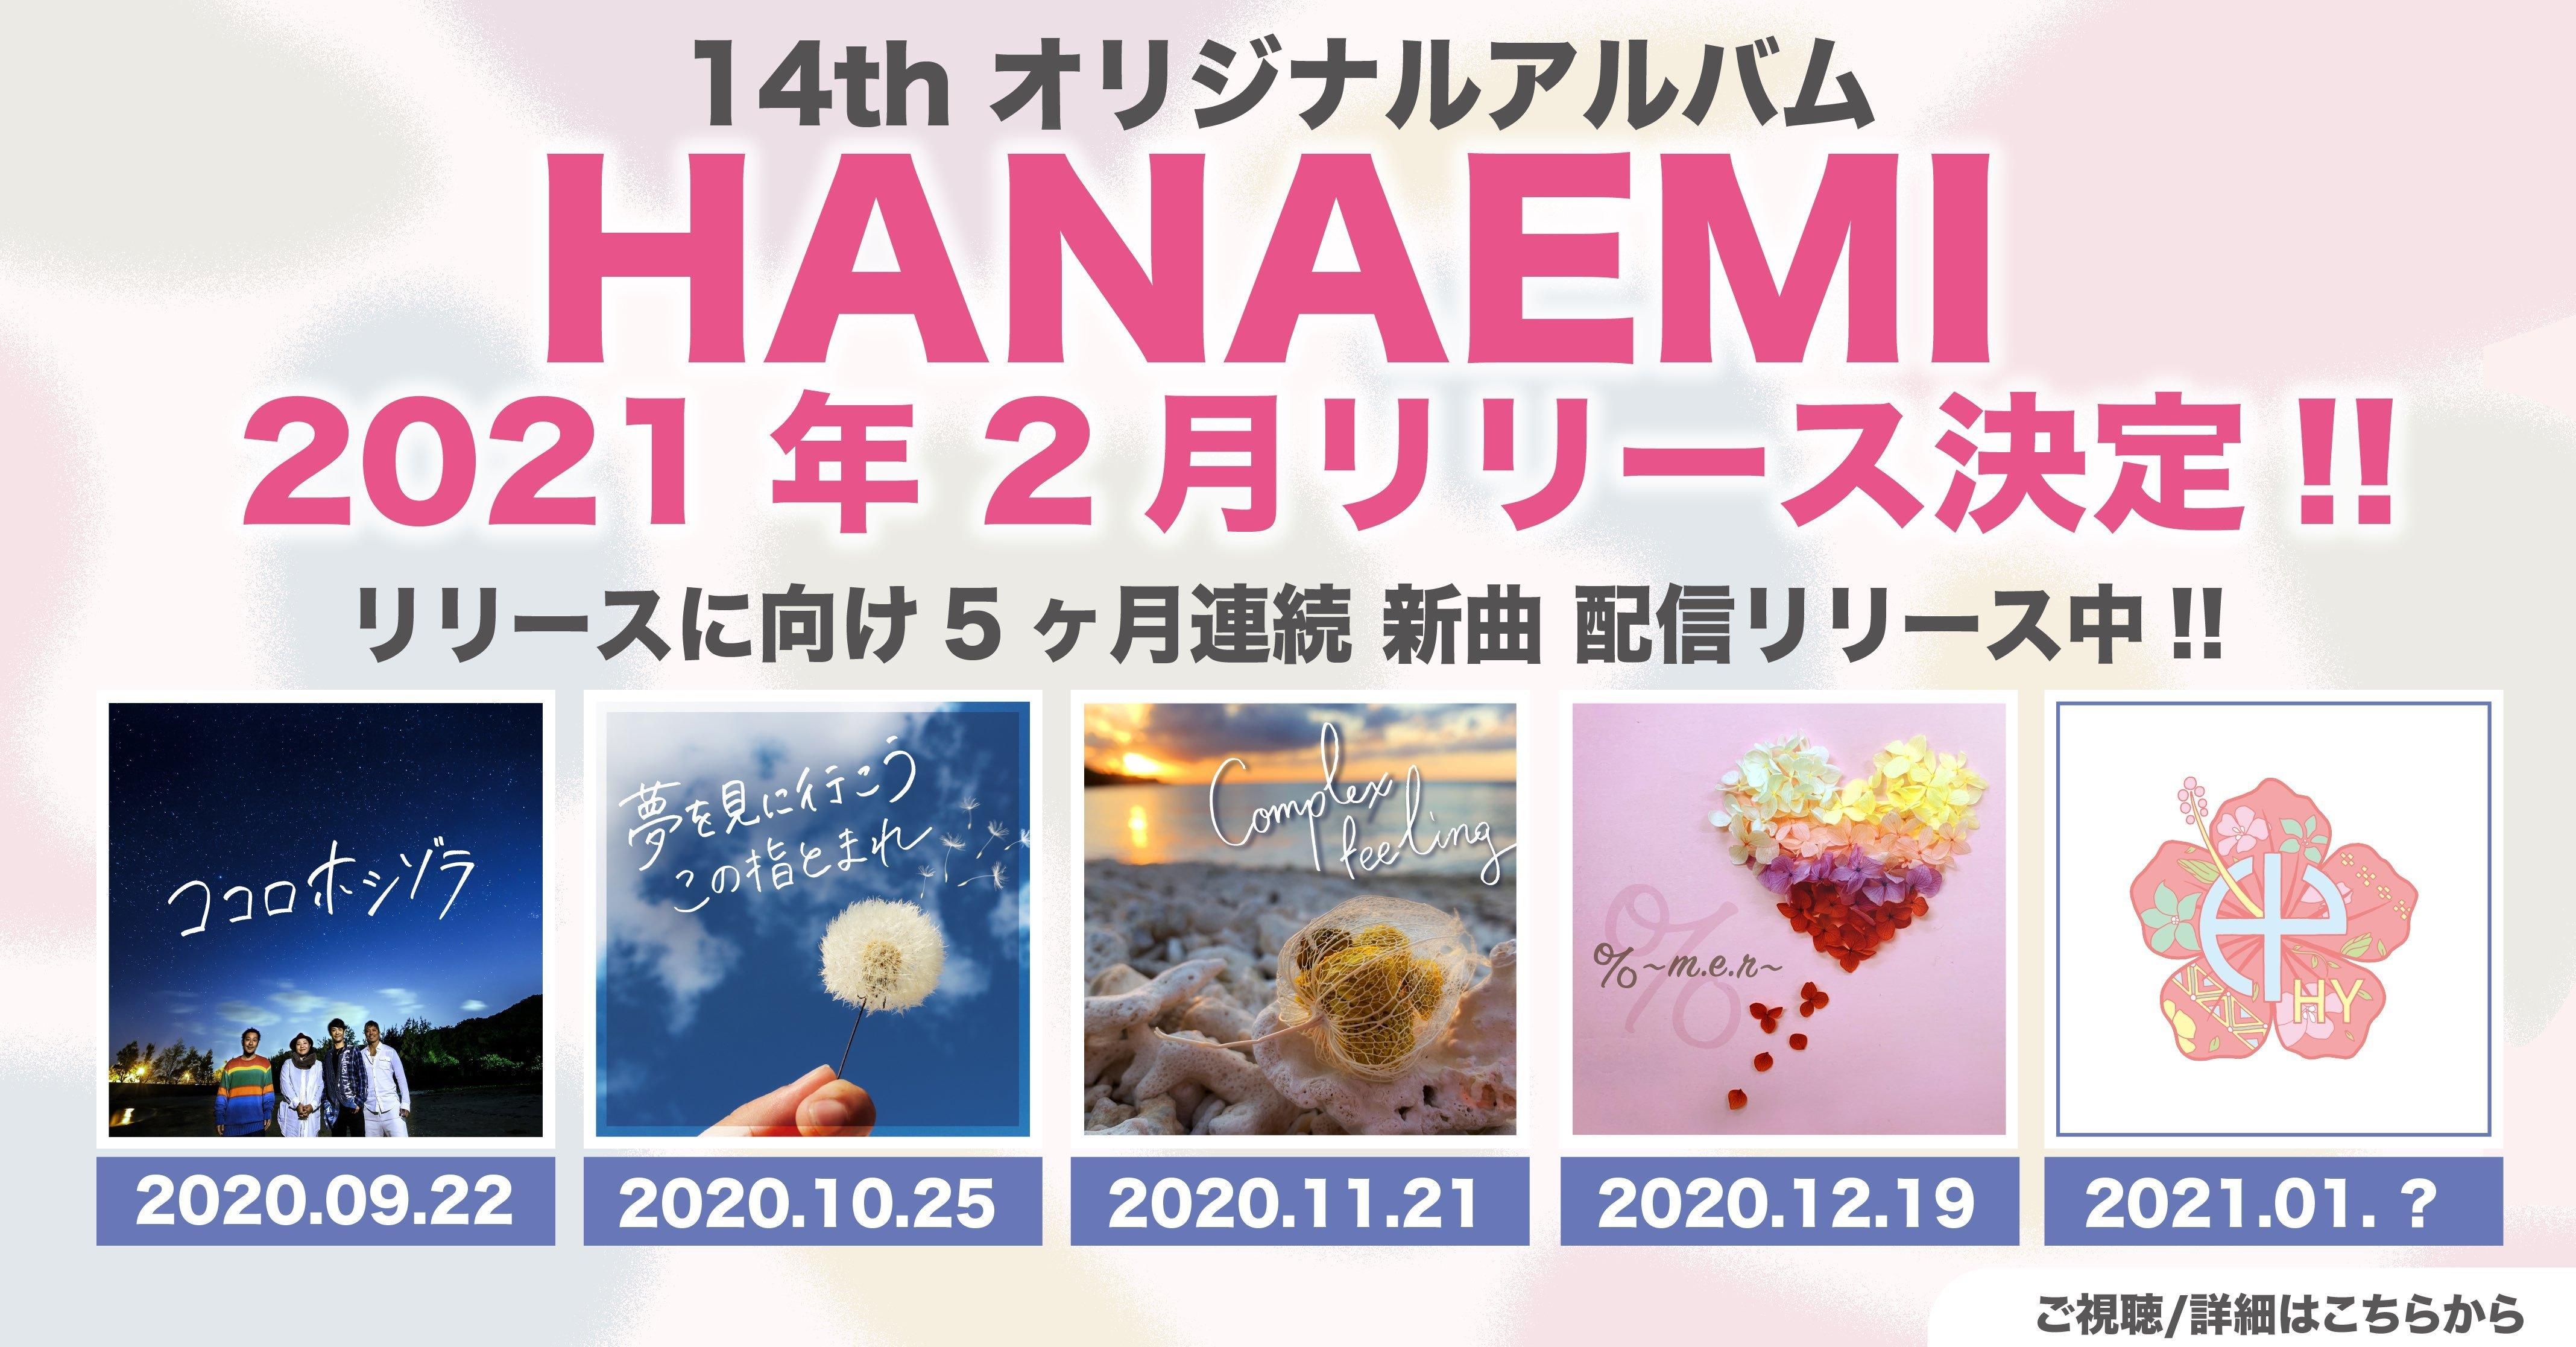 Hanaemi_%e3%83%8f%e3%82%99%e3%83%8a%e3%83%bc-01